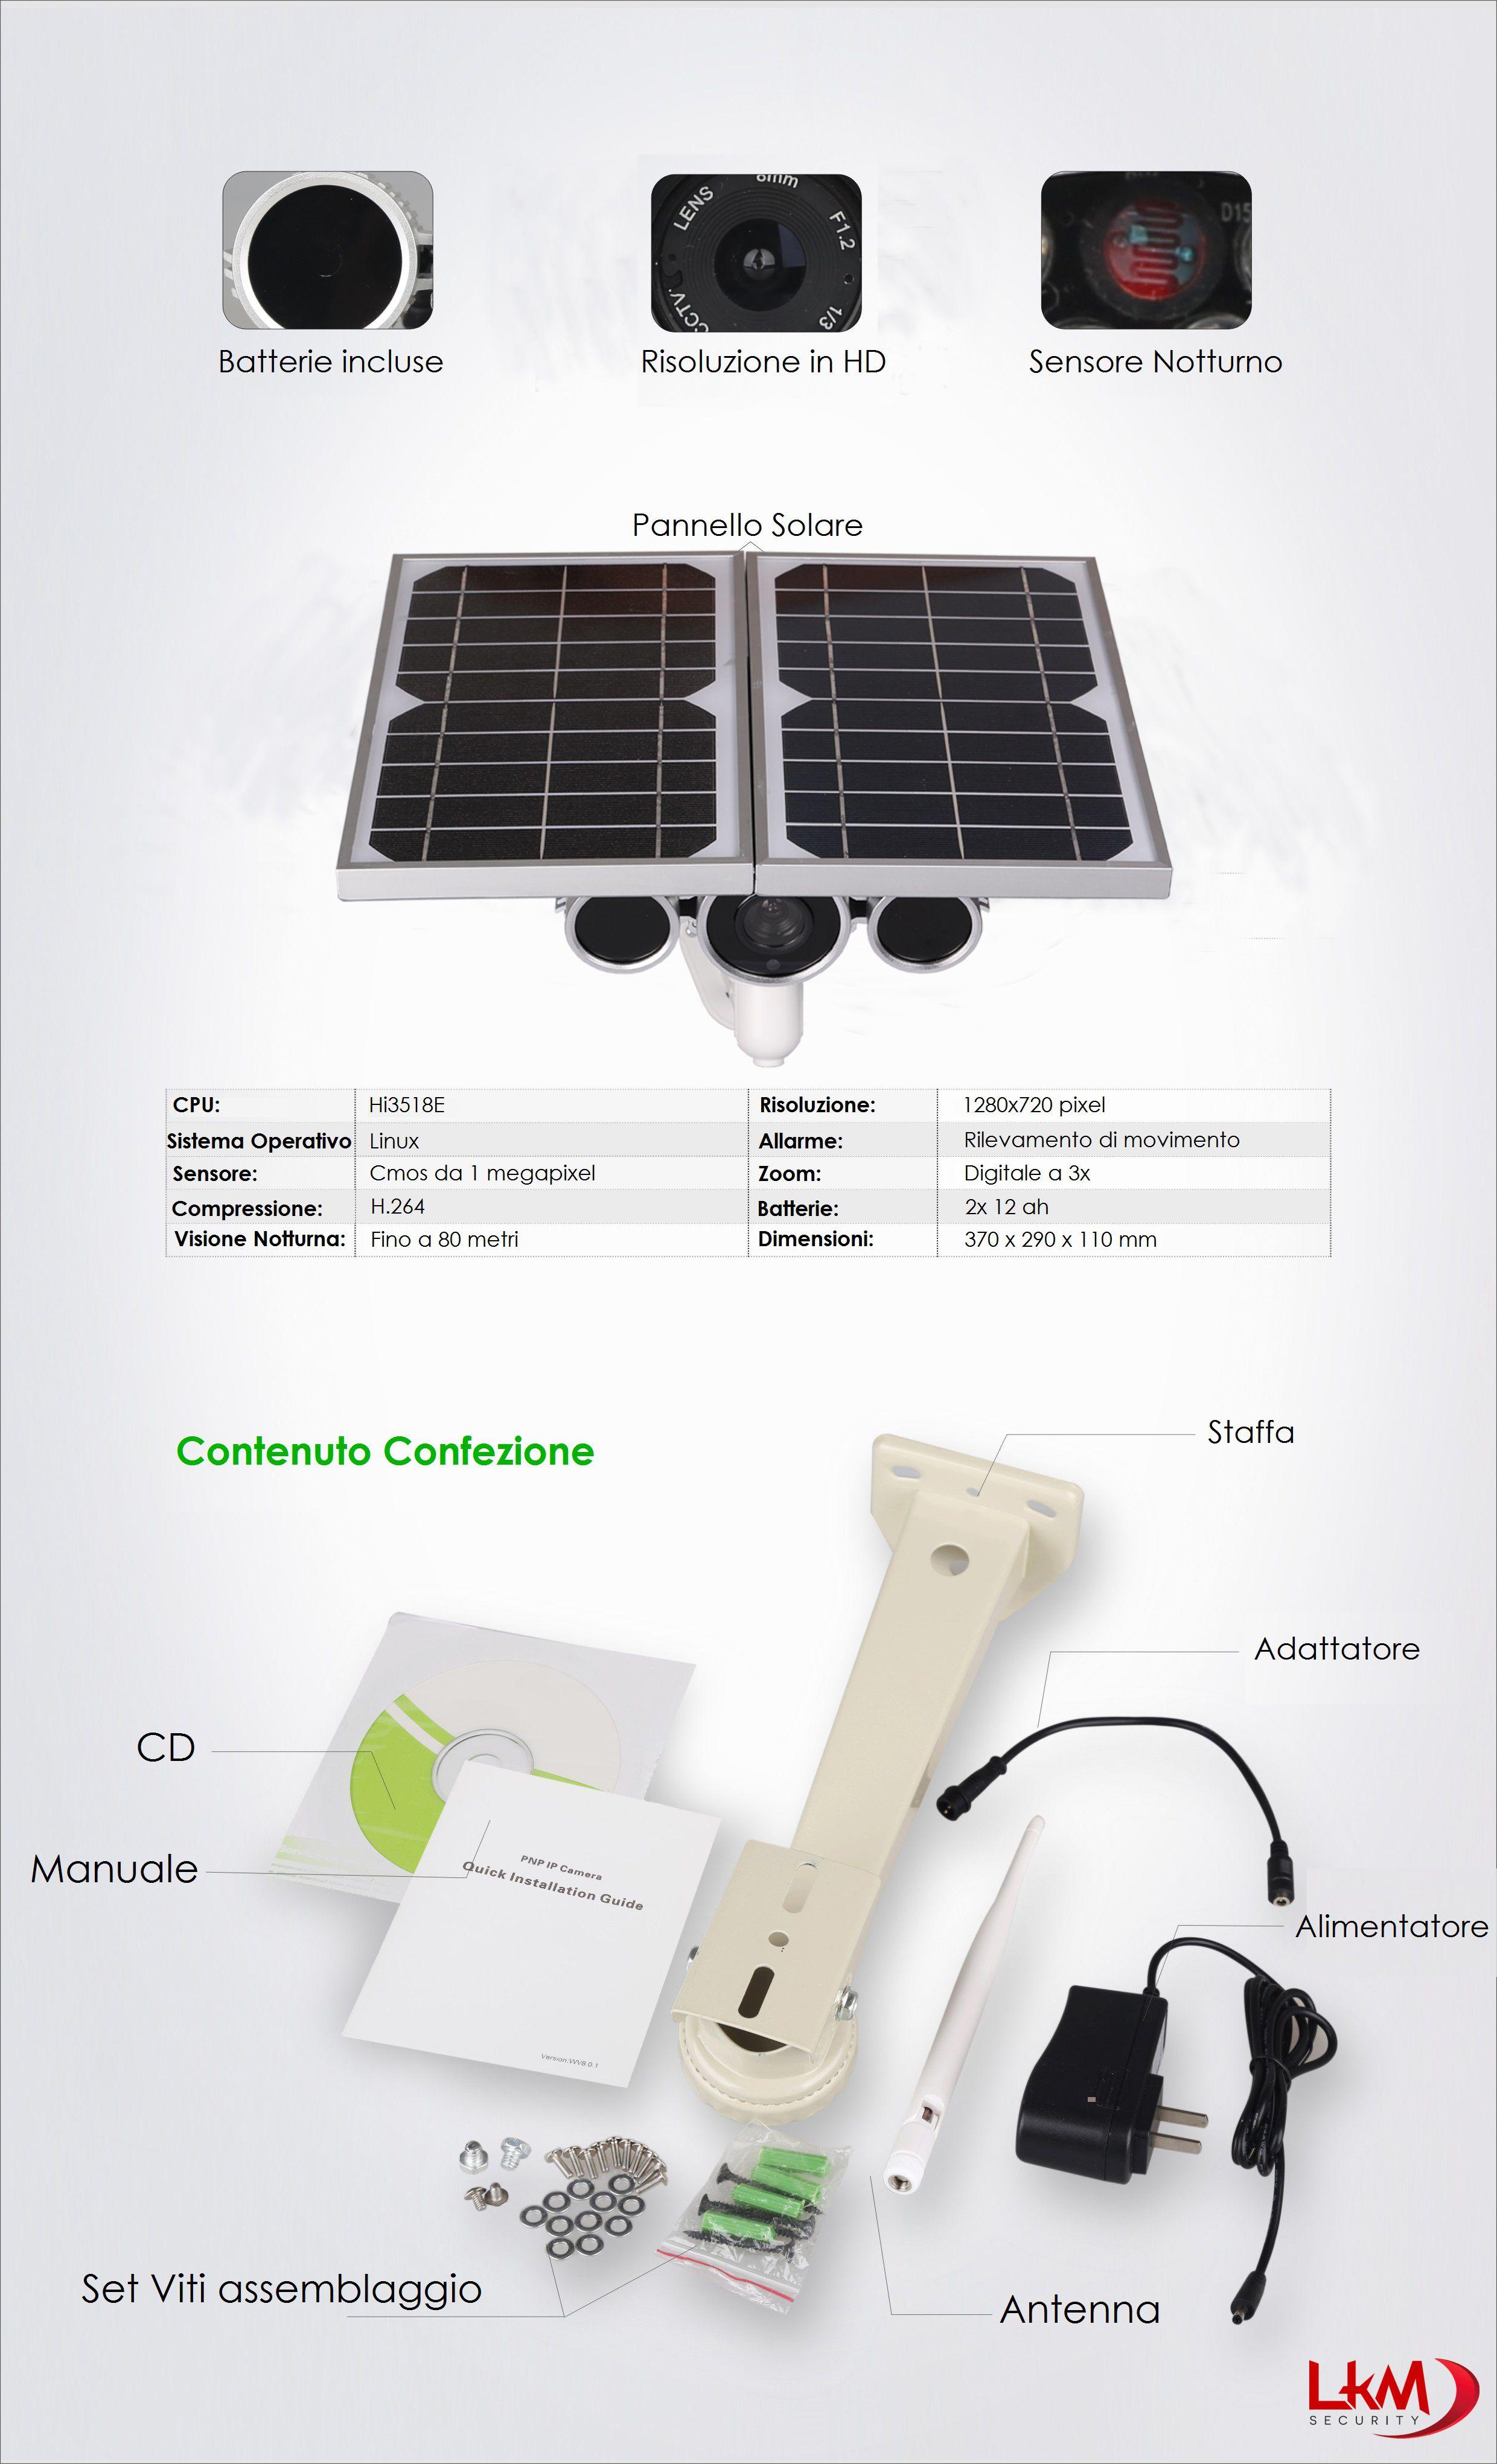 Pannello Solare Con Cd : Telecamera ip wireless con pannello solare e batteria